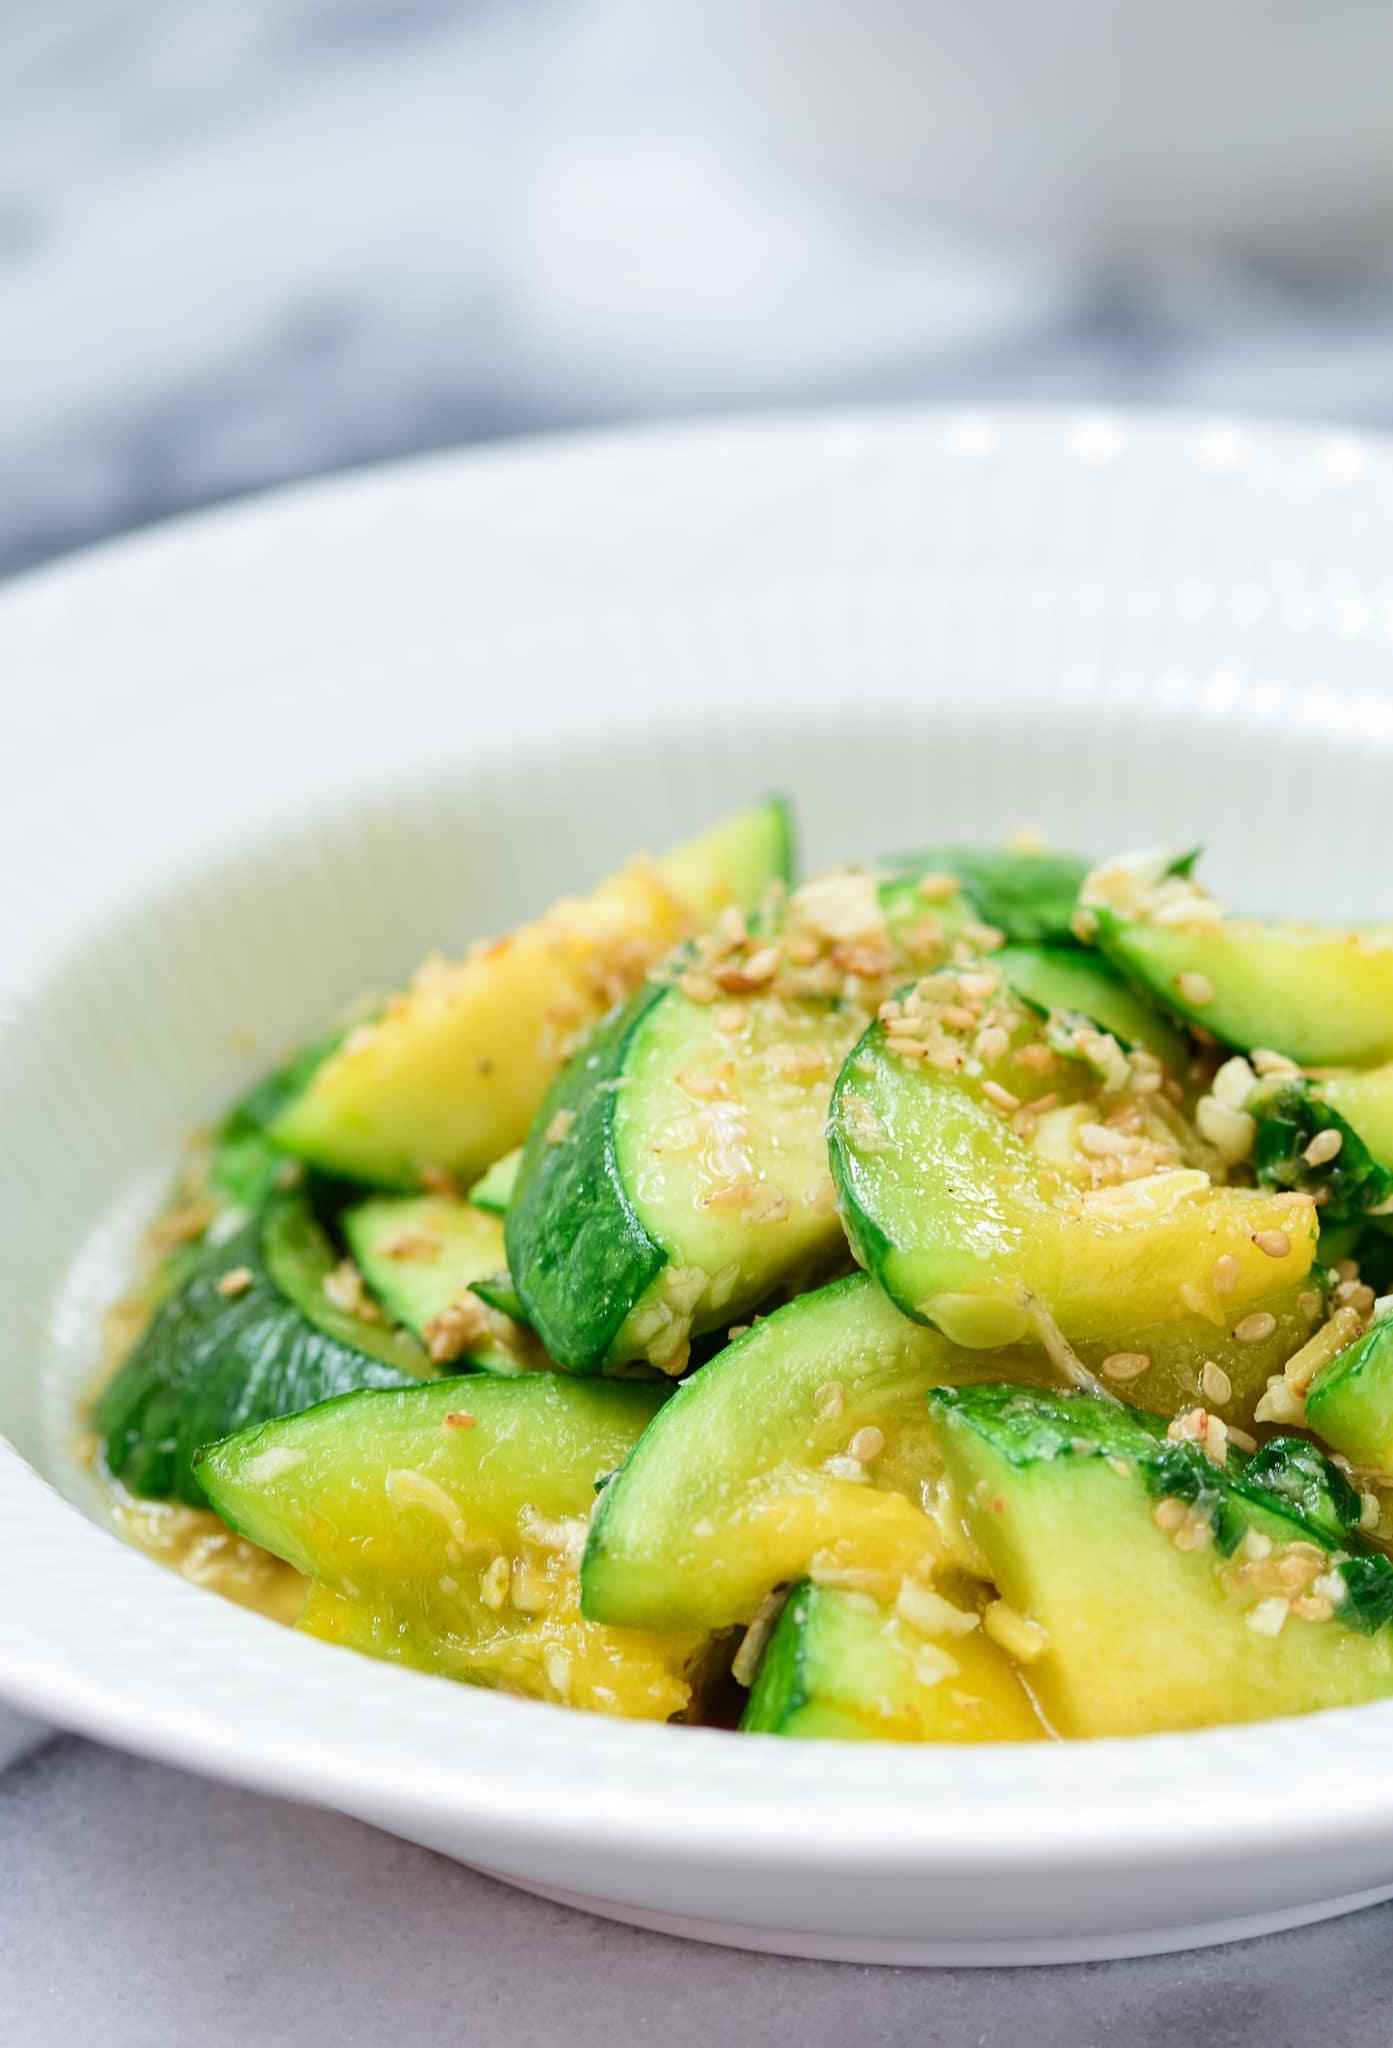 DSC2664 1 - 15 Vegetable Side Dishes (Banchan)